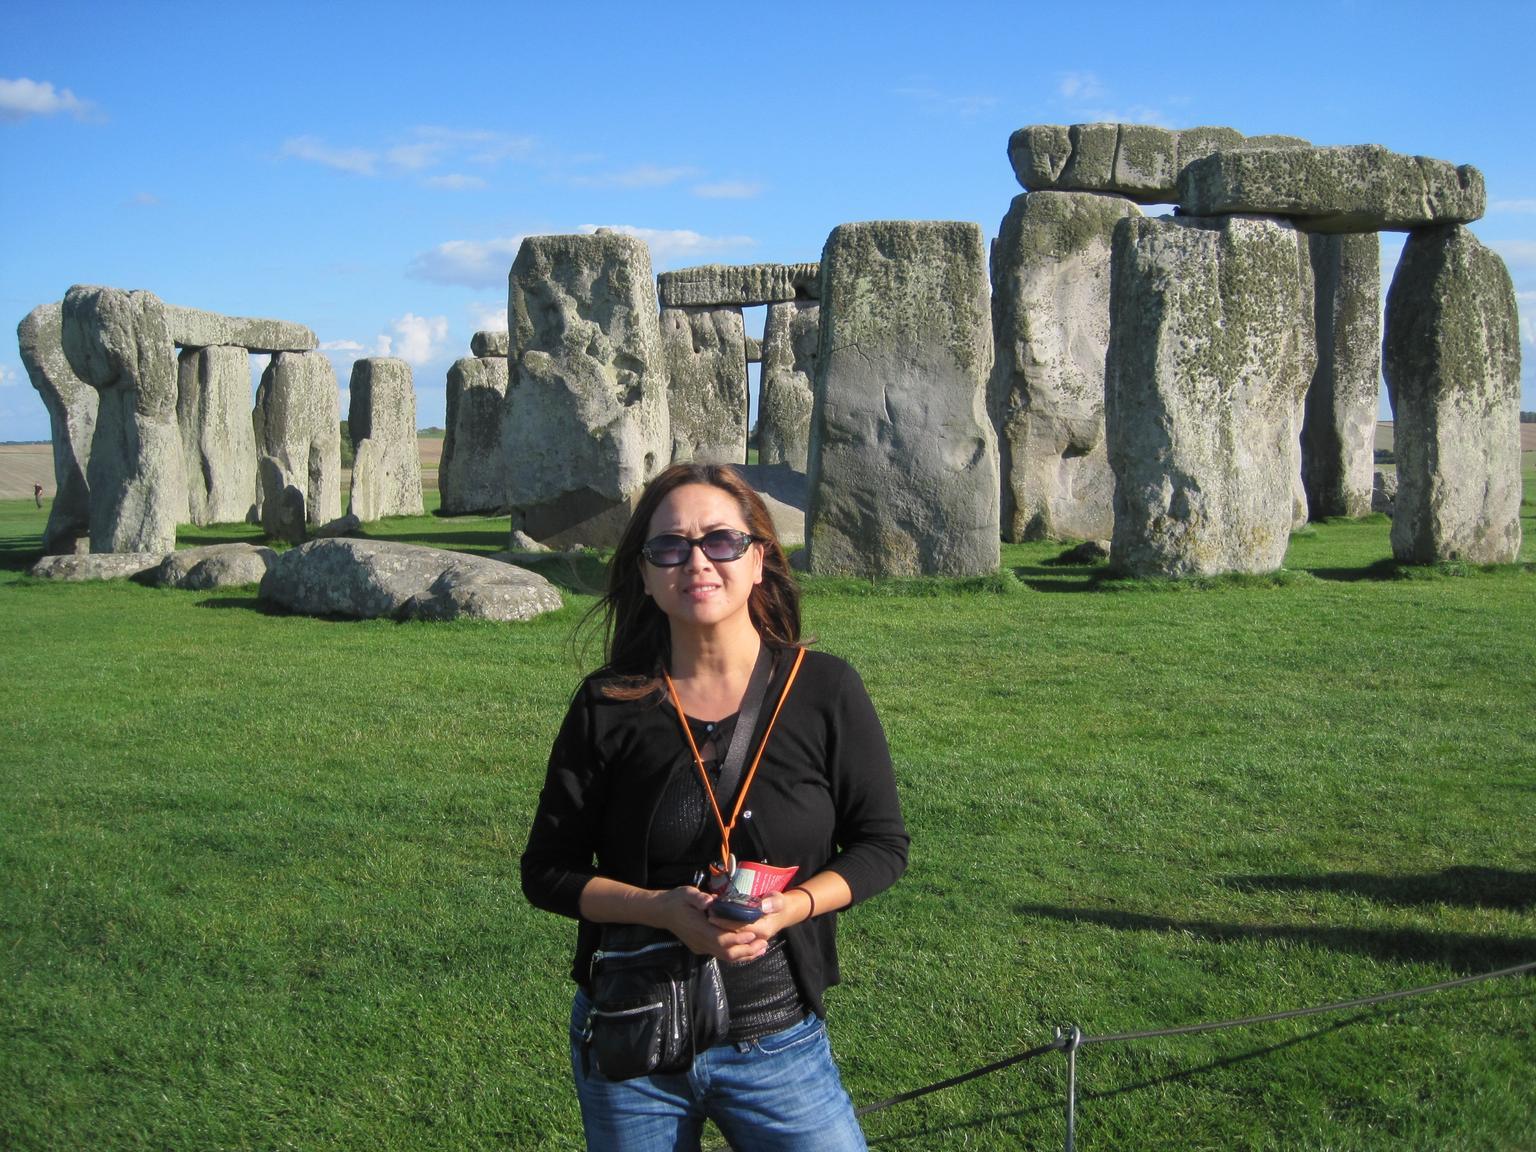 MAIS FOTOS, Excursão a Stonehenge, Castelo de Windsor e Bath saindo de Londres. Todos os dias